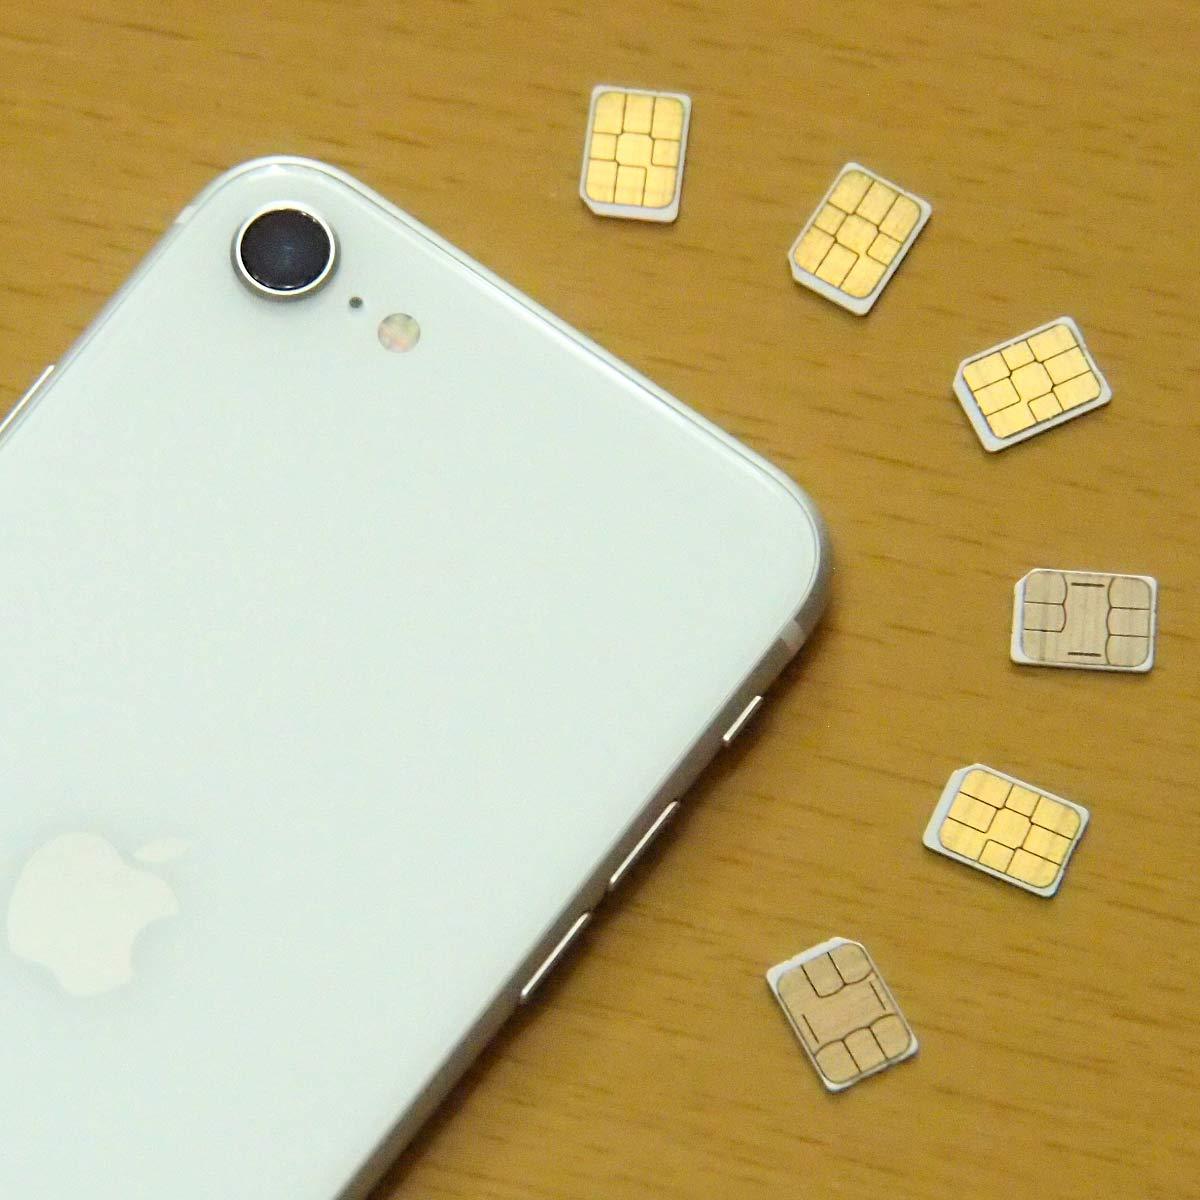 大手キャリアで購入したiPhoneを格安SIMで使いたい! SIMロック解除は必要? 不要?